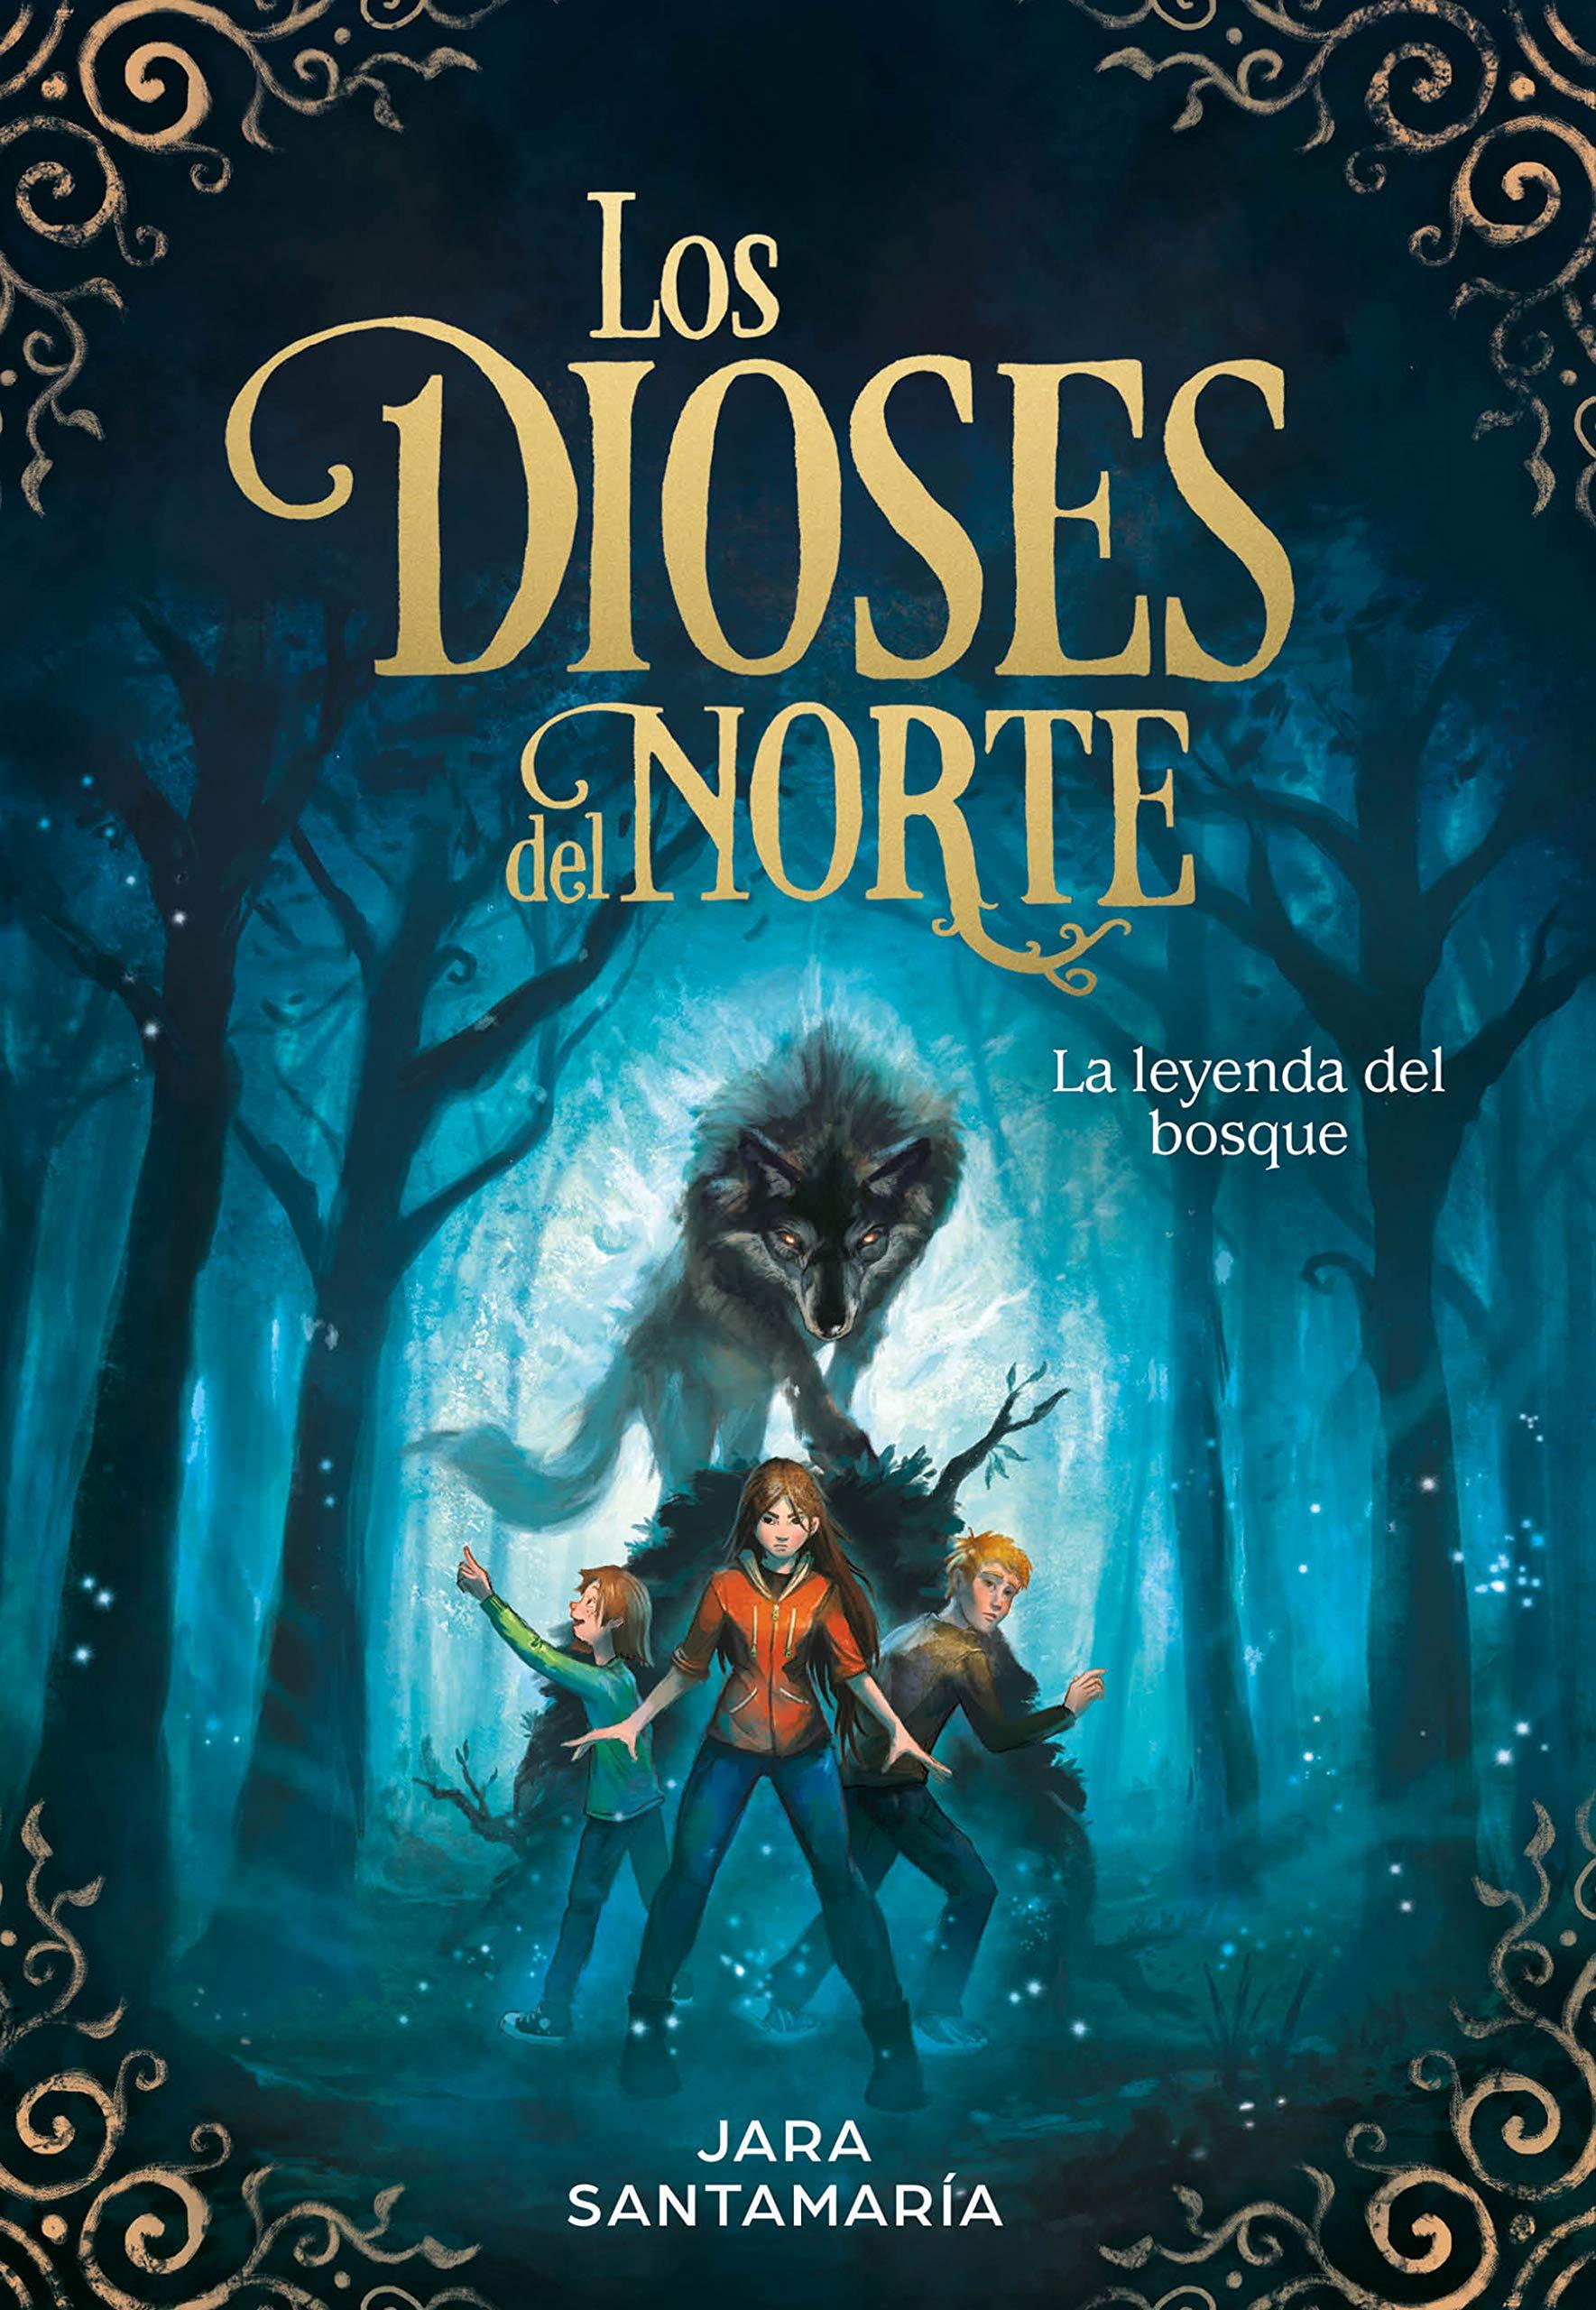 La leyenda del bosque (Los dioses del norte 1): Amazon.es: Santamaría, Jara: Libros